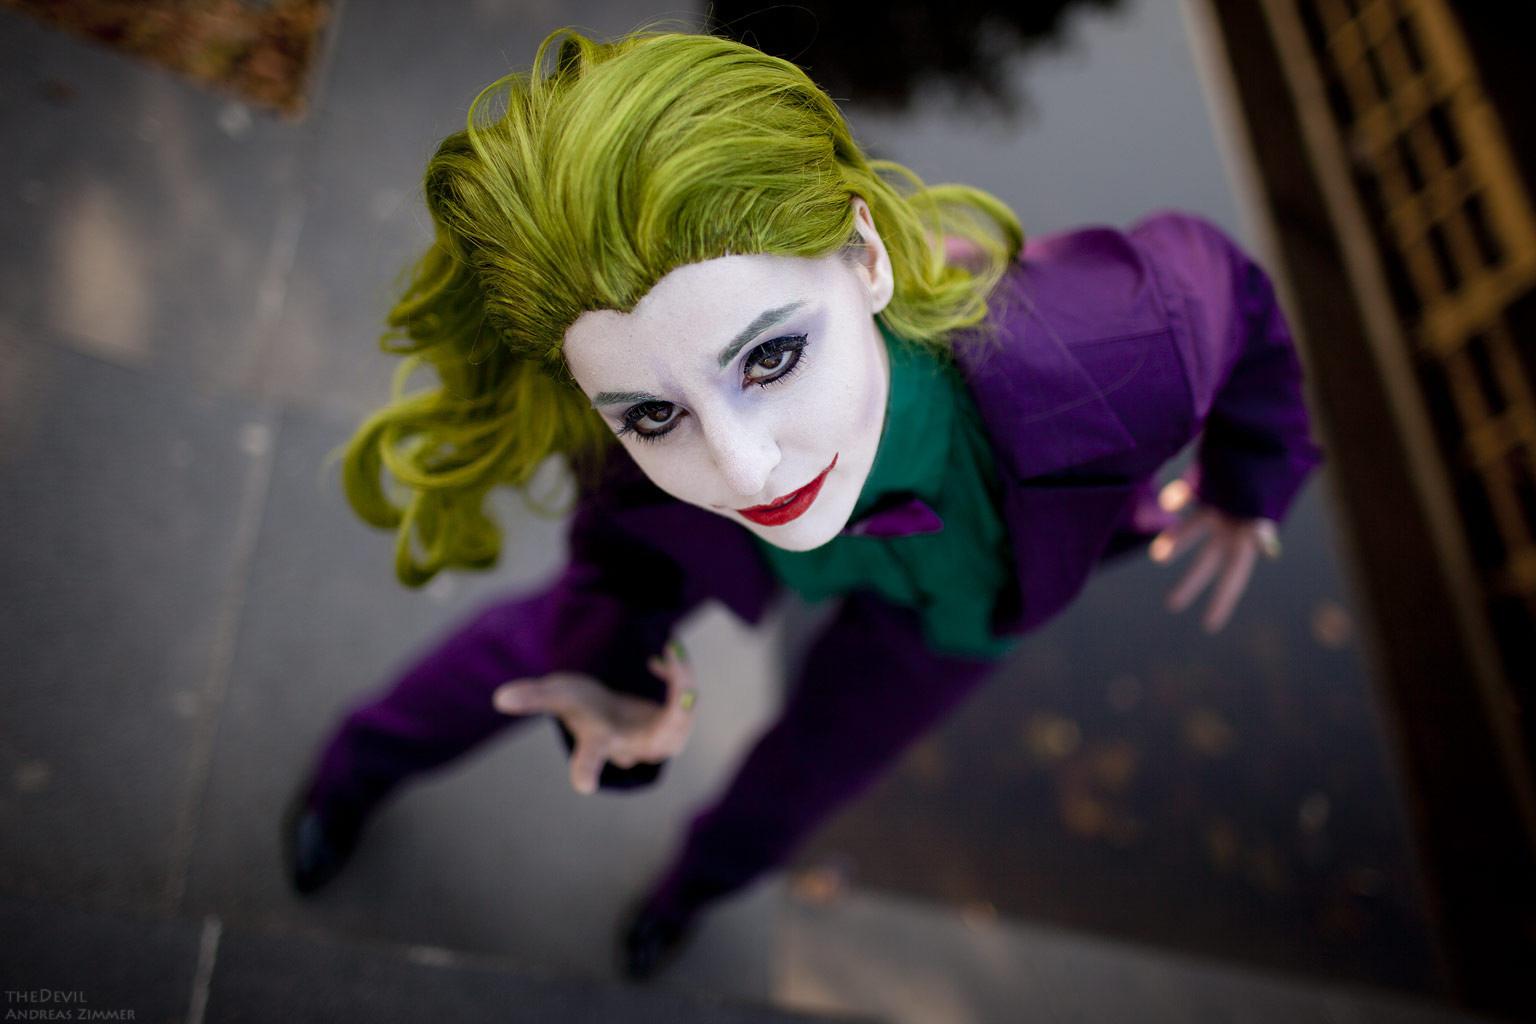 Joker by:  Federkiel